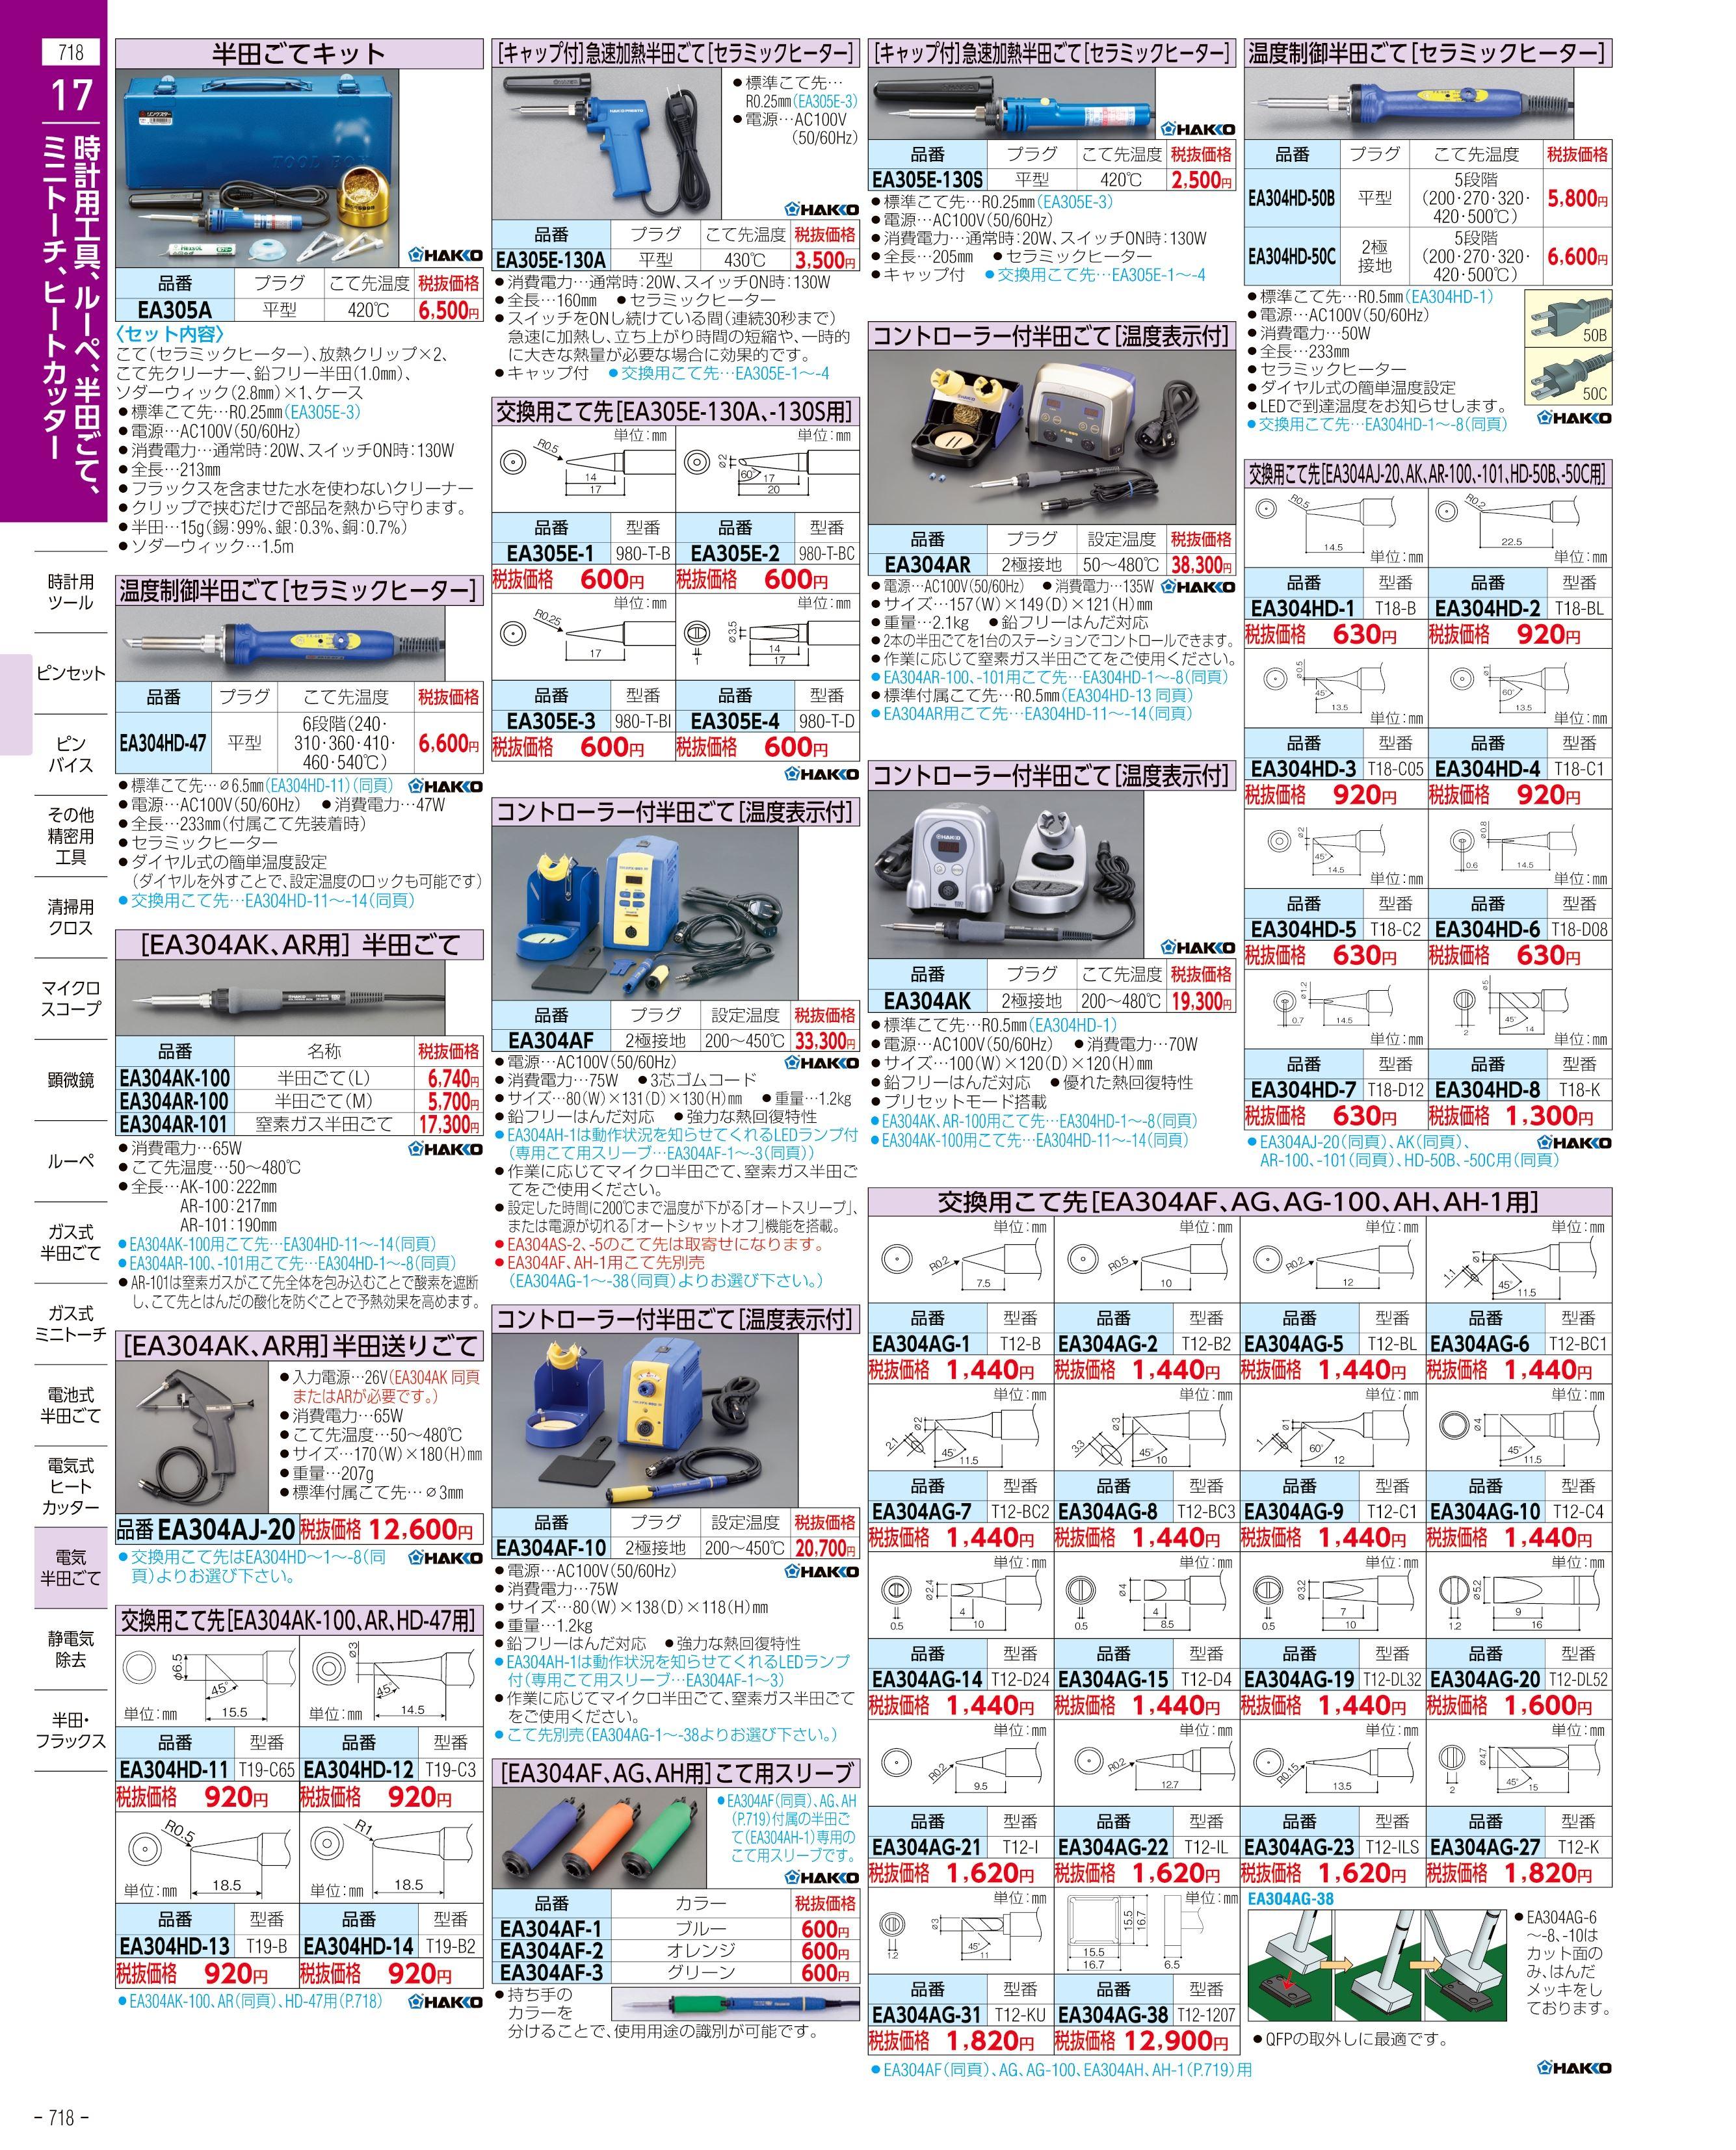 エスコ便利カタログ718ページ